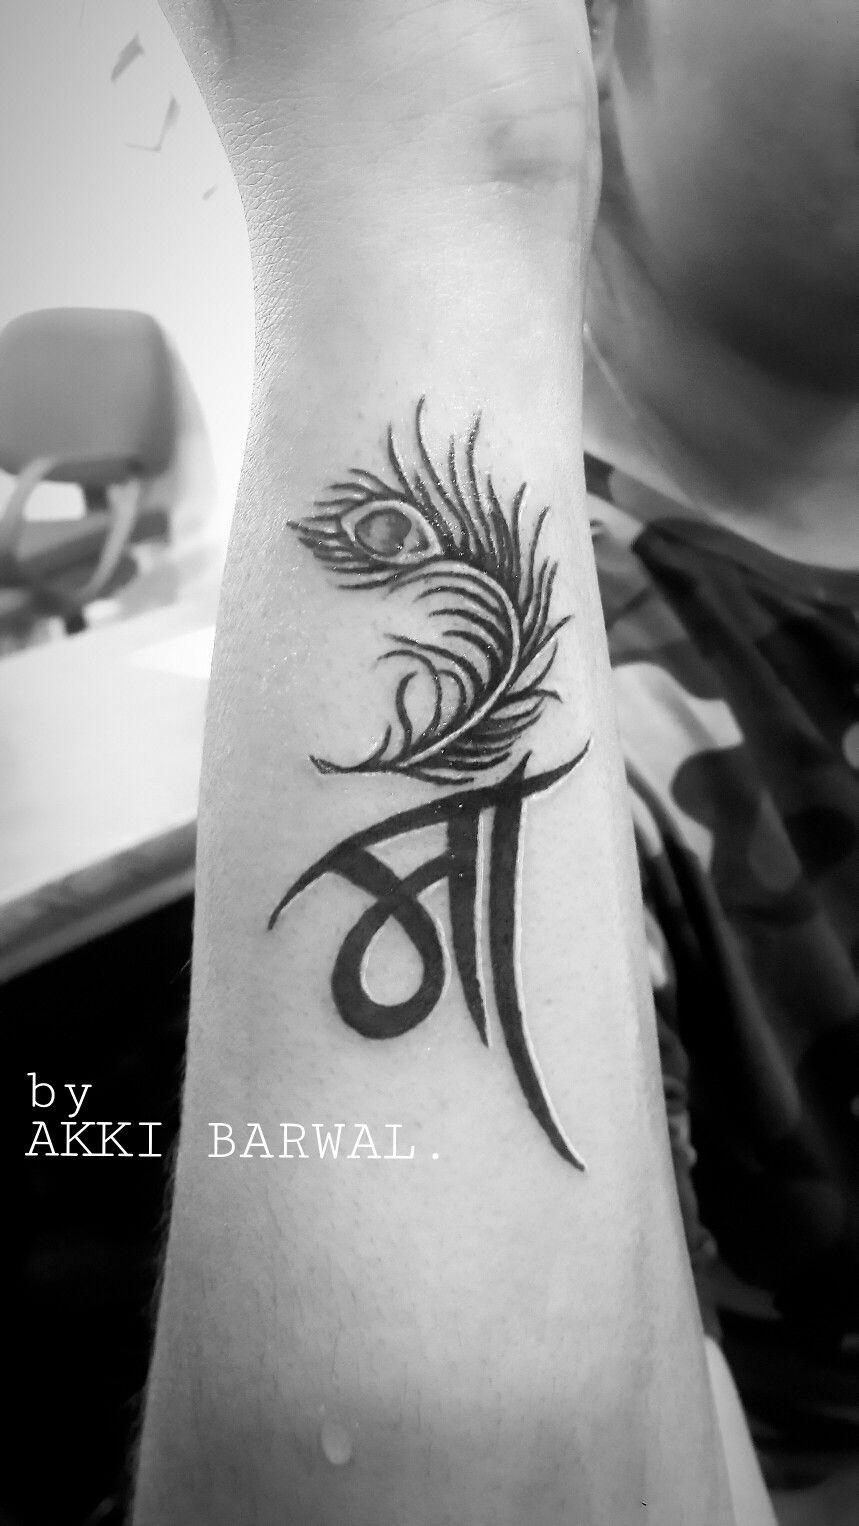 64b592e0c0f39 maa maa paa tattoo by @AKKI_BARWAL fether hindi tattoo | akki barwal ...